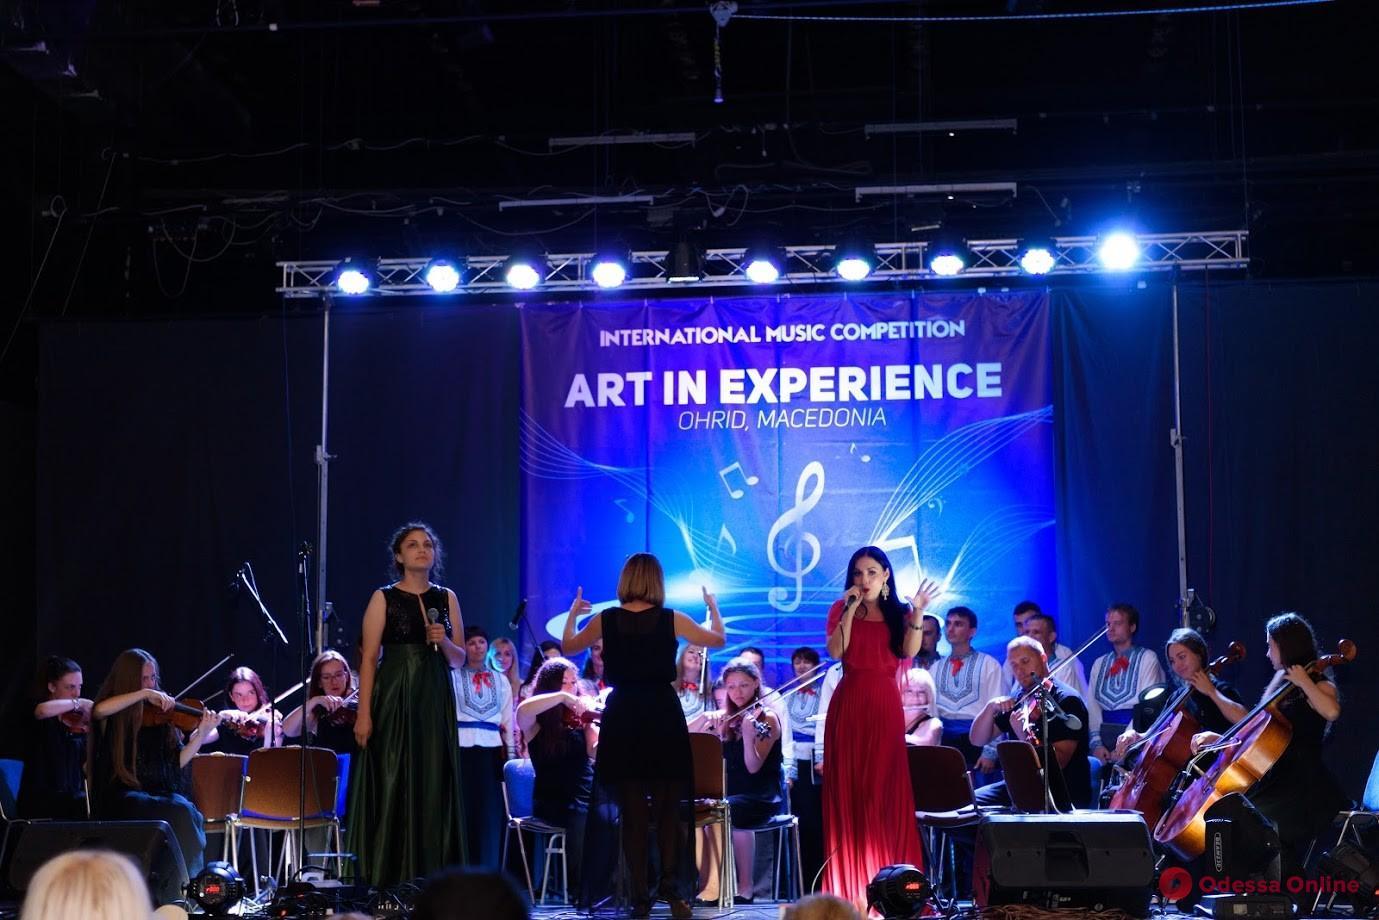 Одесский театр духовой музыки выиграл международный конкурс в Македонии